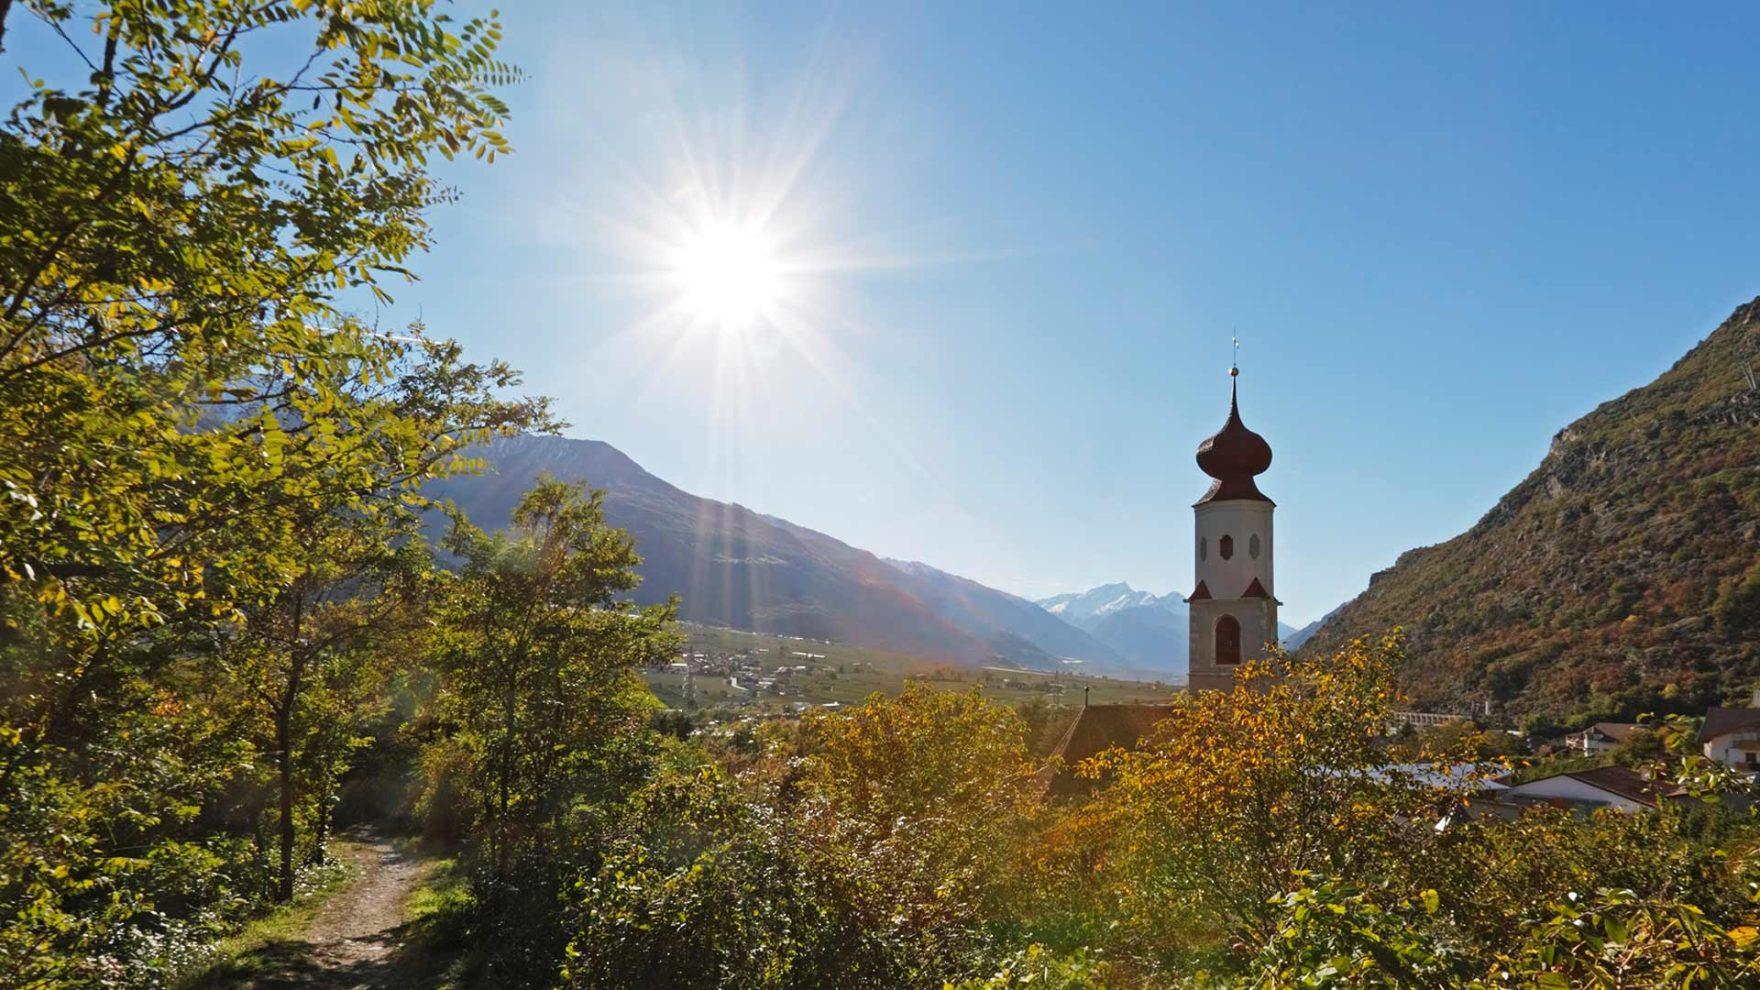 Naturno in Alto Adige